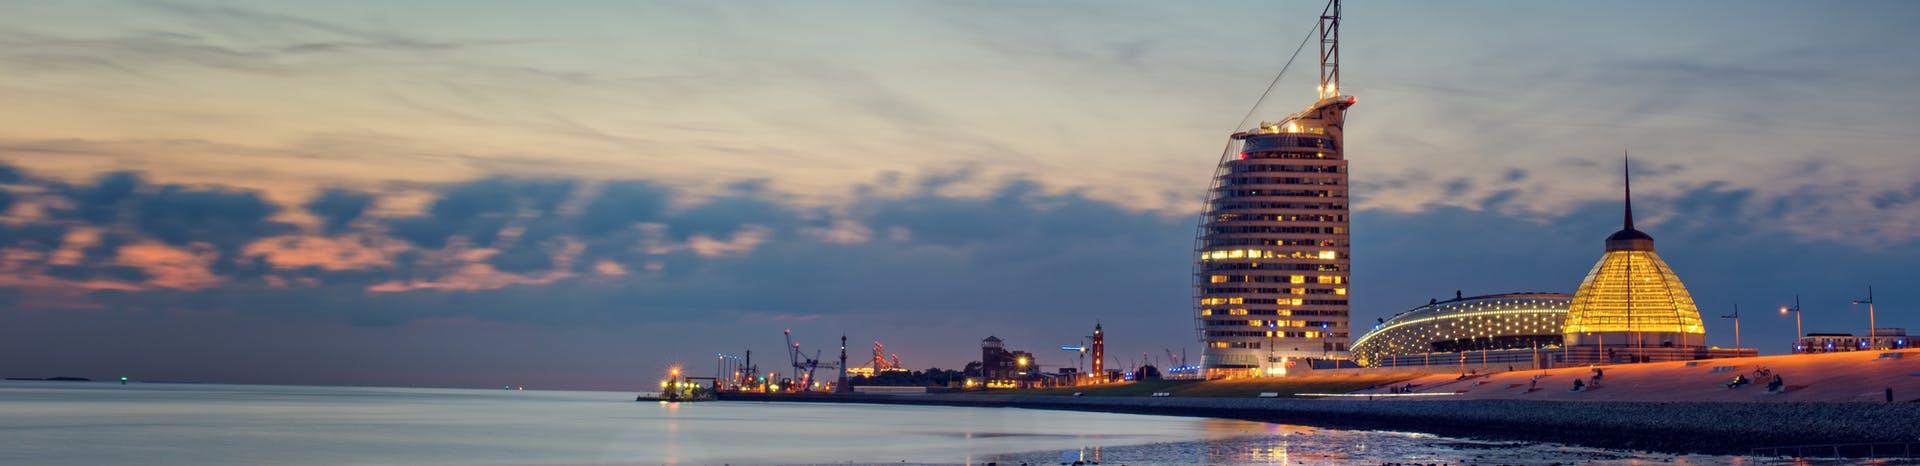 Picture of Bremerhaven